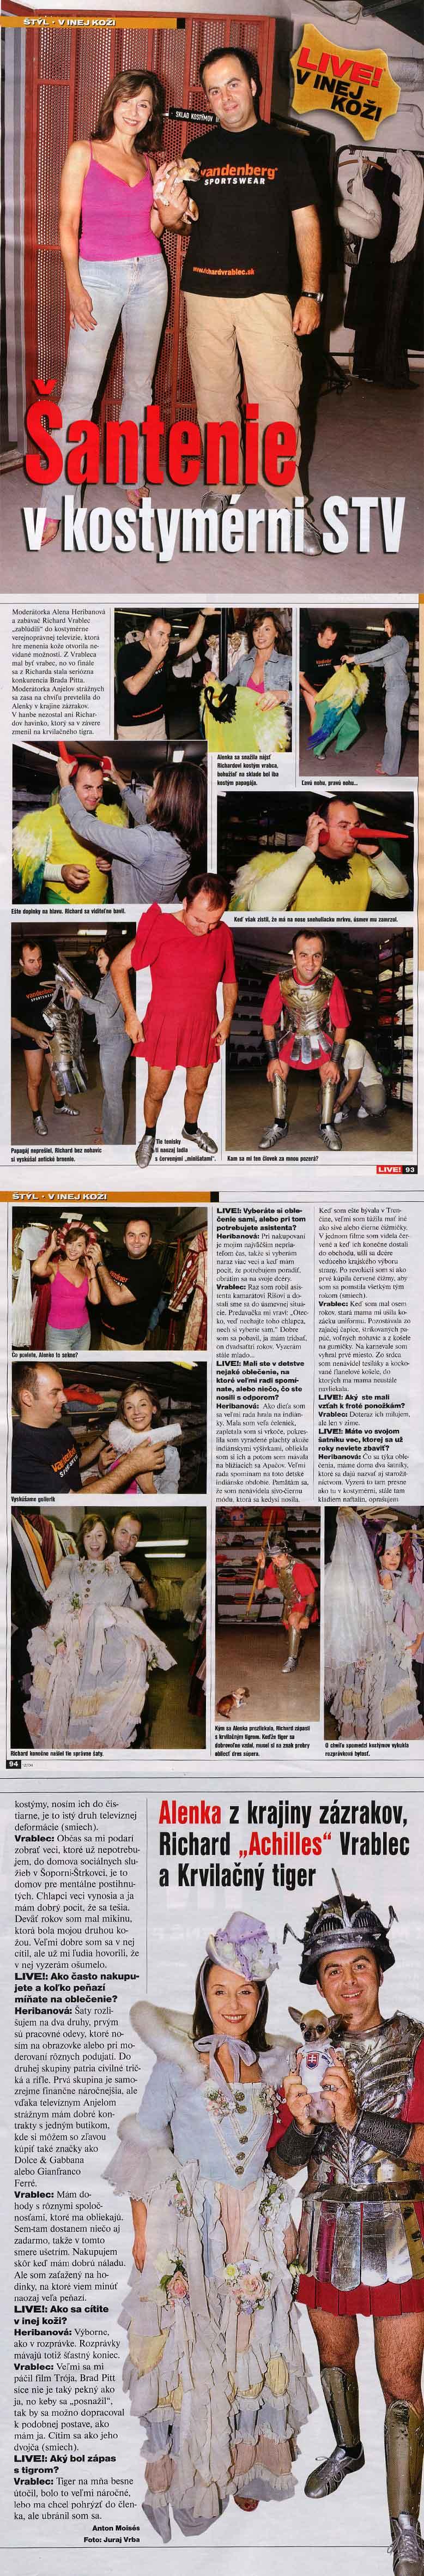 Magazín LIVE!, jún 2004: Šantenie v kostymérni STV